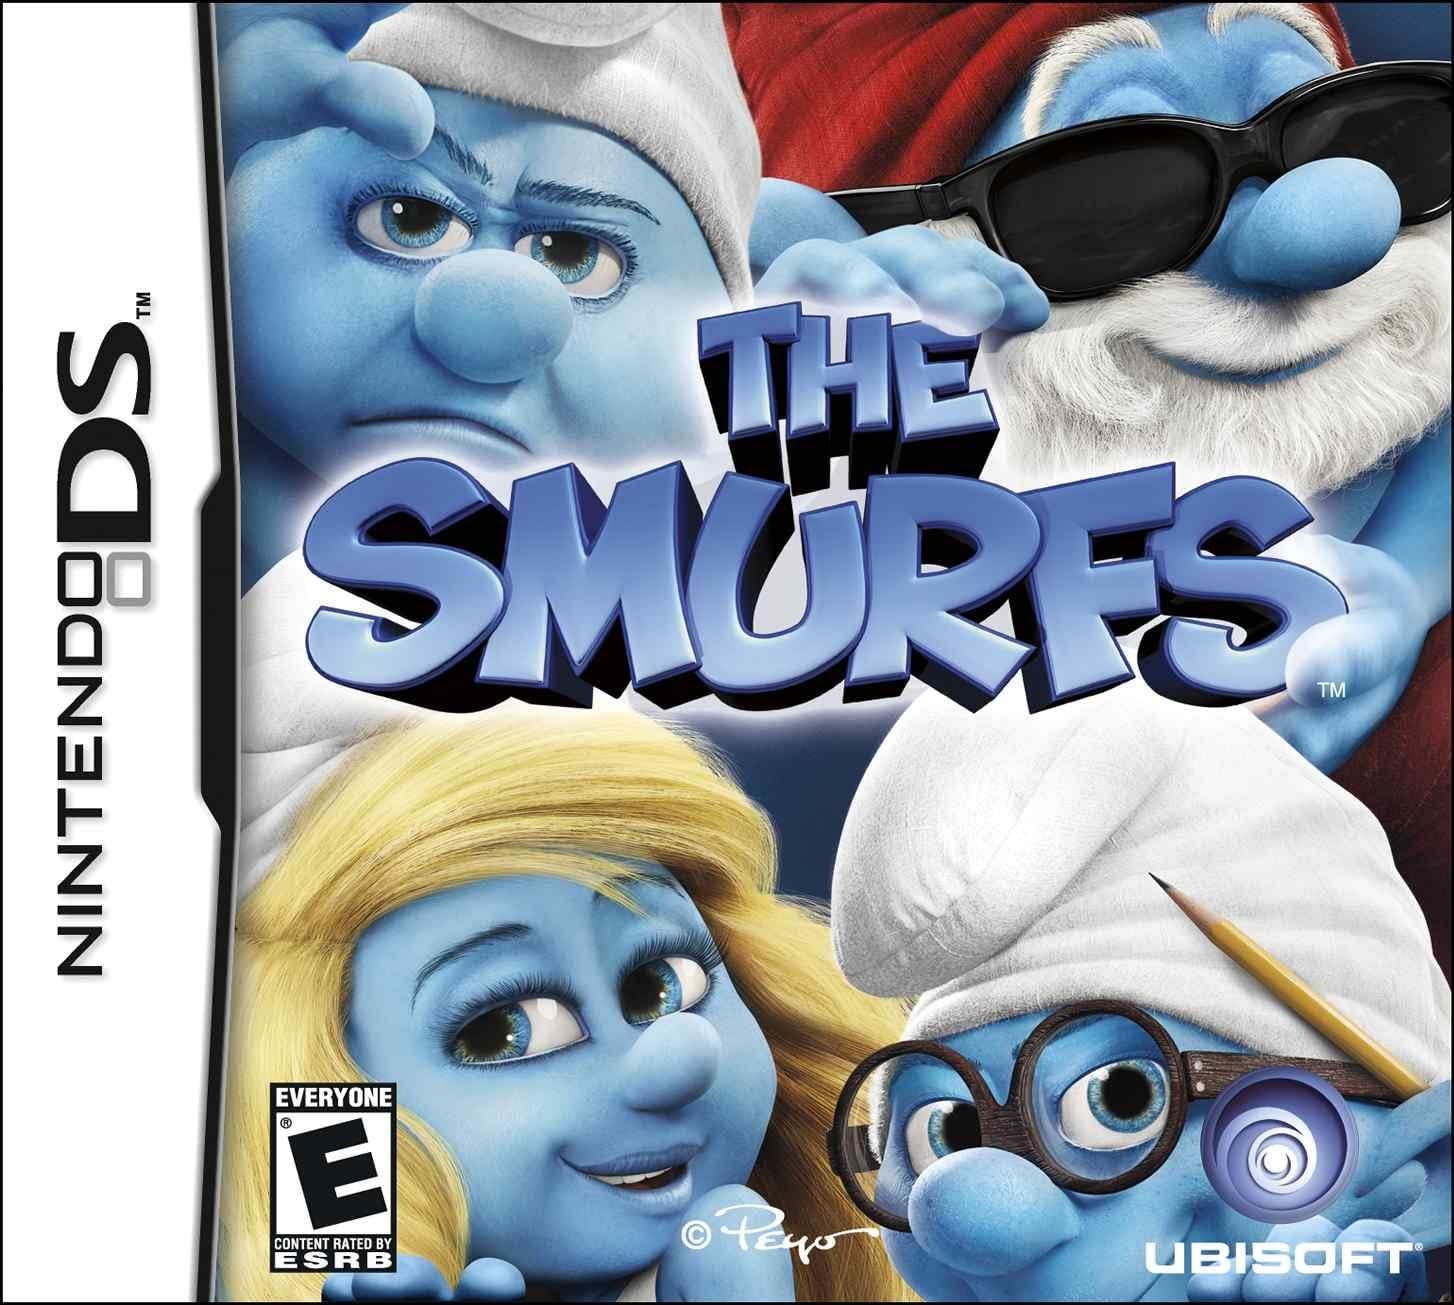 Amazon.com: The Smurfs - Nintendo DS: UbiSoft: Video Games